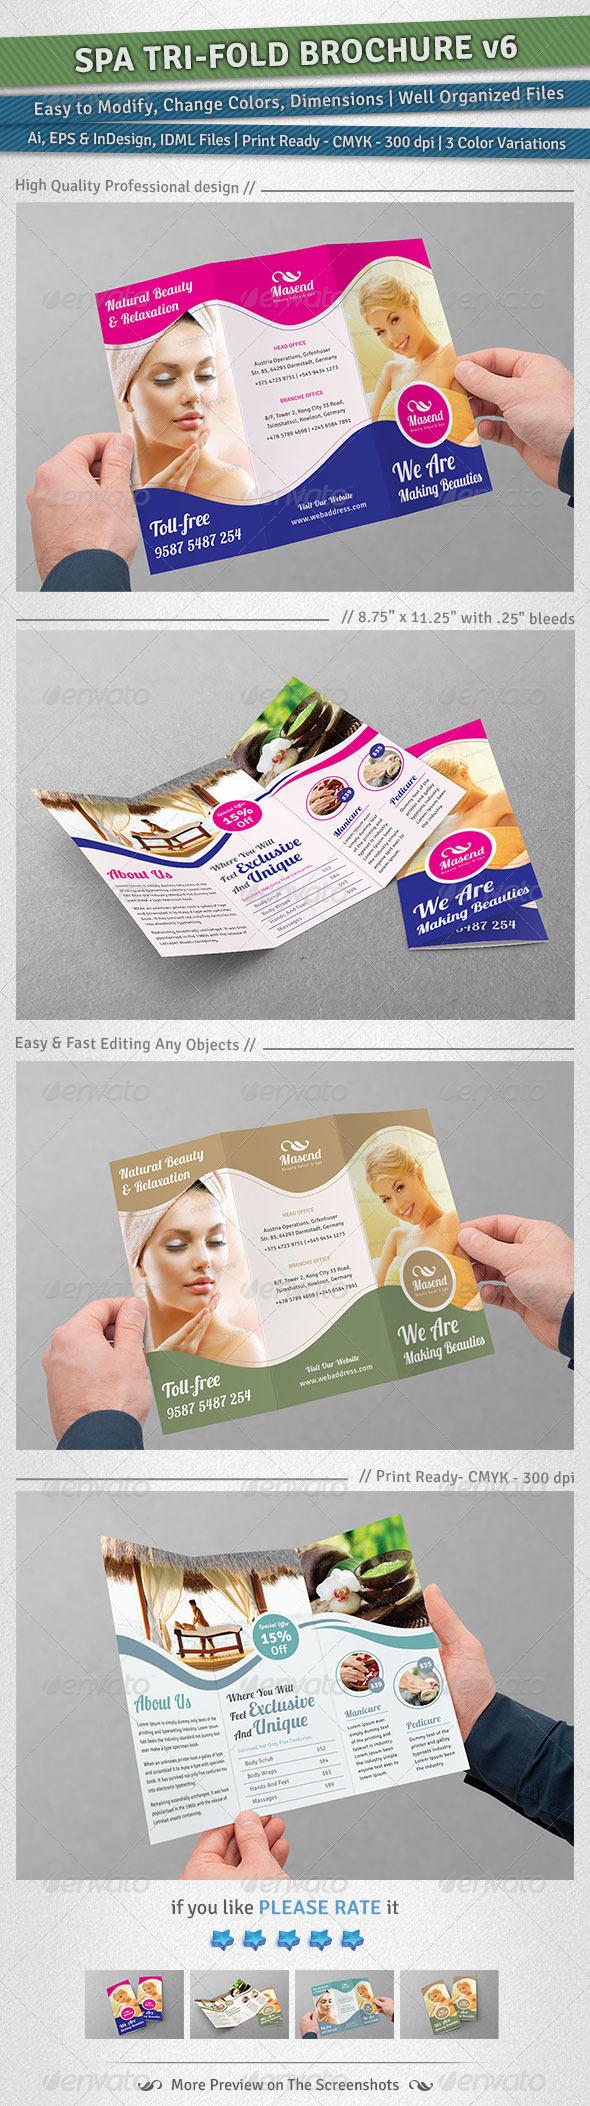 GraphicRiver Spa Tri-Fold Brochure Volume 6 5297463